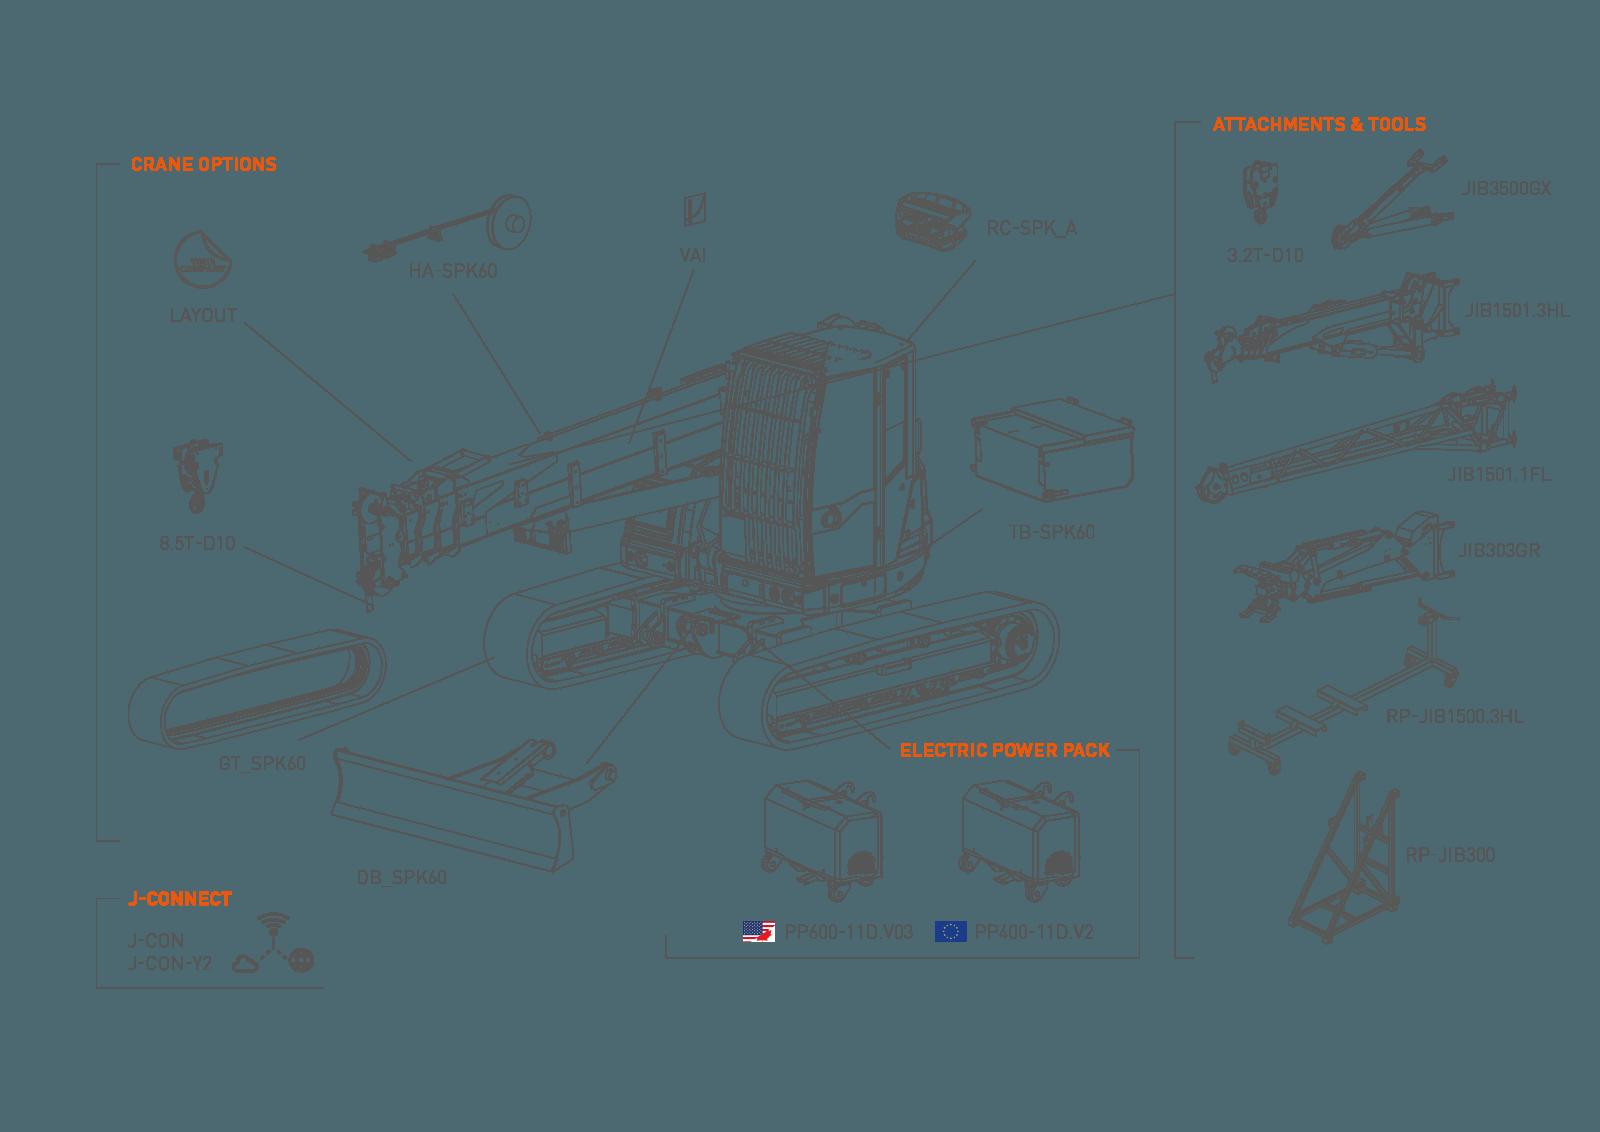 jekko-SPK60-crane-options